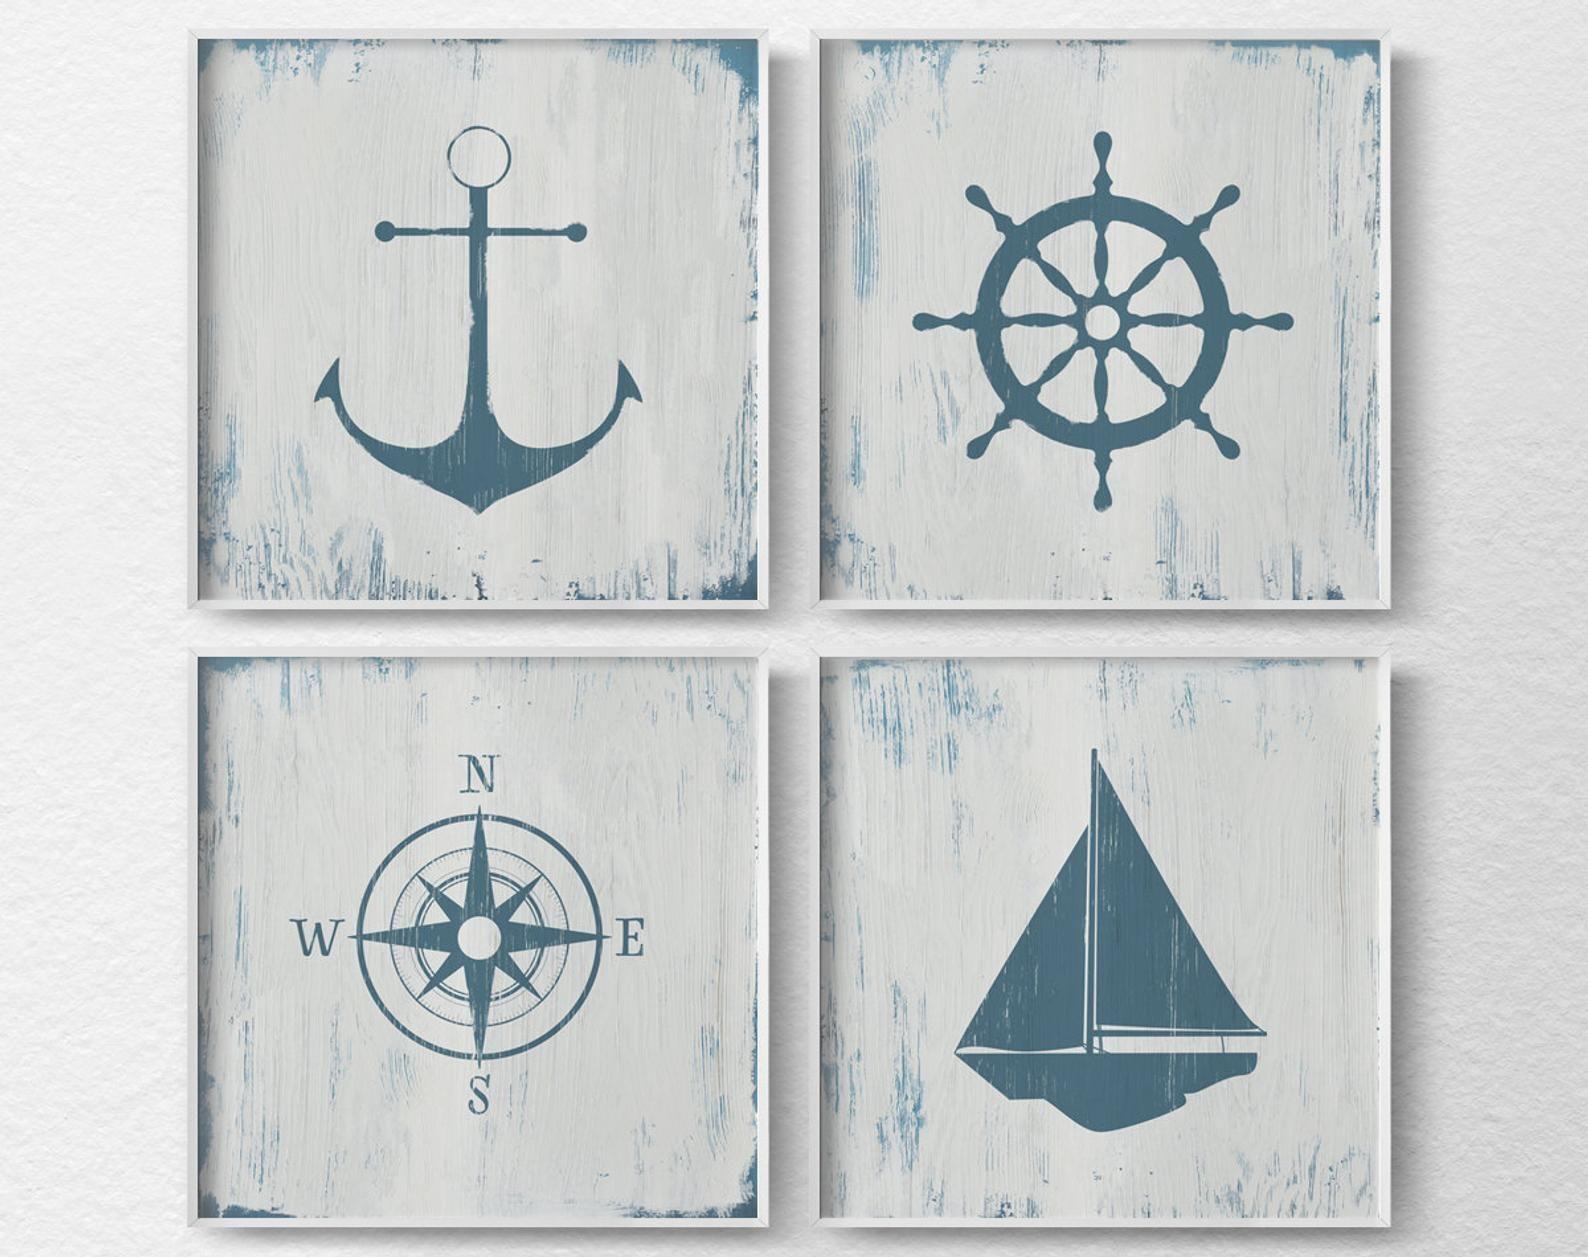 Nautical Decor Nautical Nursery Nautical Wall Art Rustic Nautical Print Beach House Art Nautical Art Nautical Bathroom Art 0464 Nautical Wall Art Nautical Nursery Nautical Bathroom Decor